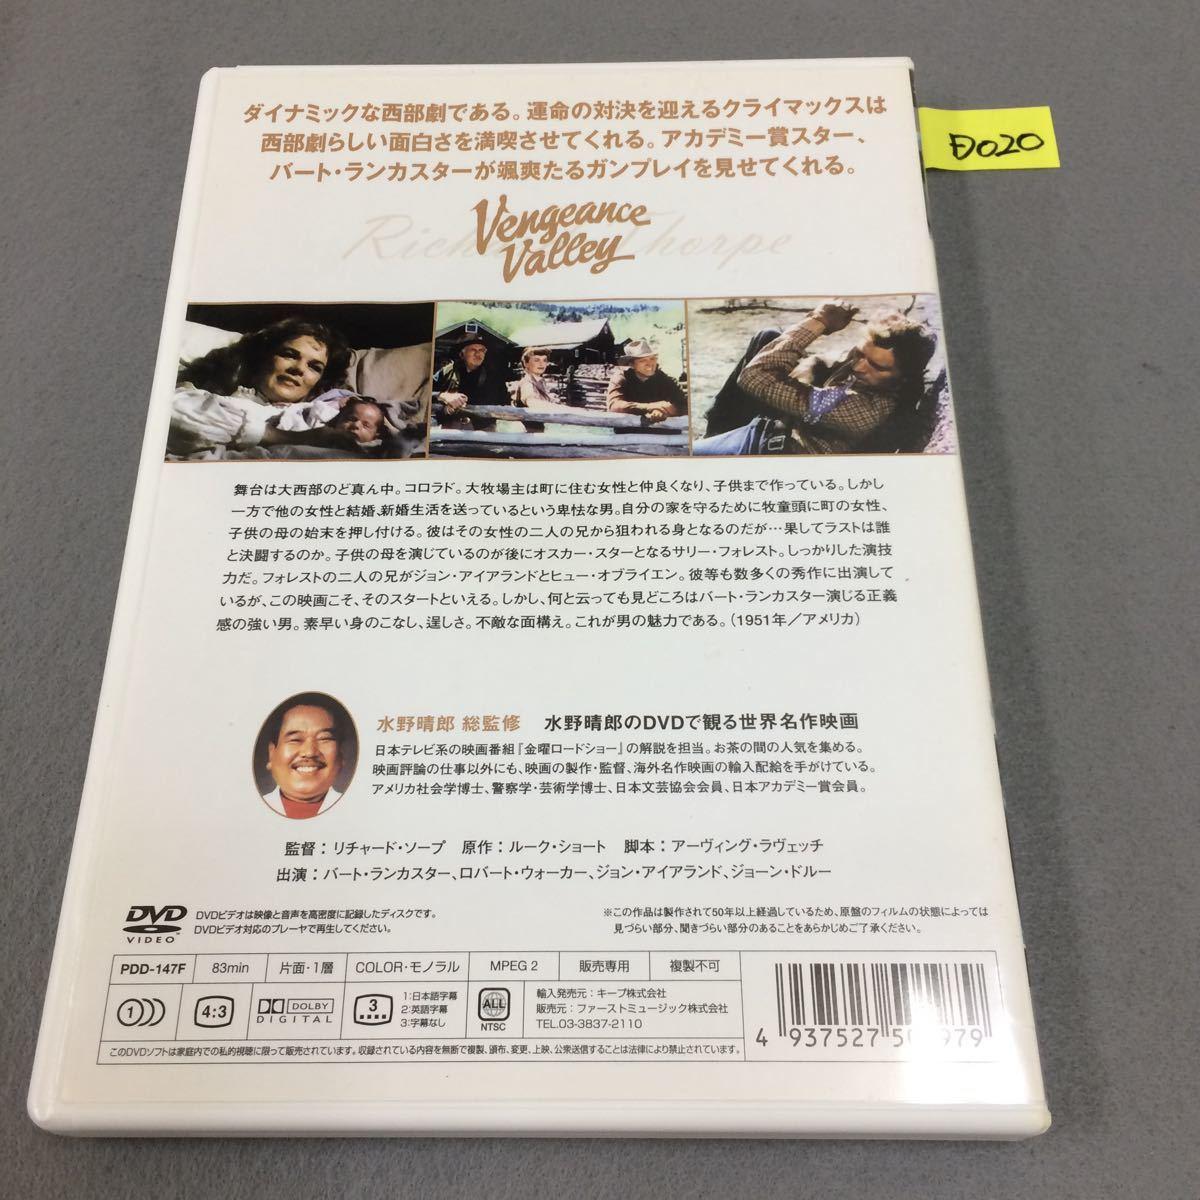 D020 DVD 復讐の谷 1951年 アメリカ 西部劇 アクション アドベンチャー バート・ランカスター主演 水野晴郎のDVDで観る世界名作映画_画像2